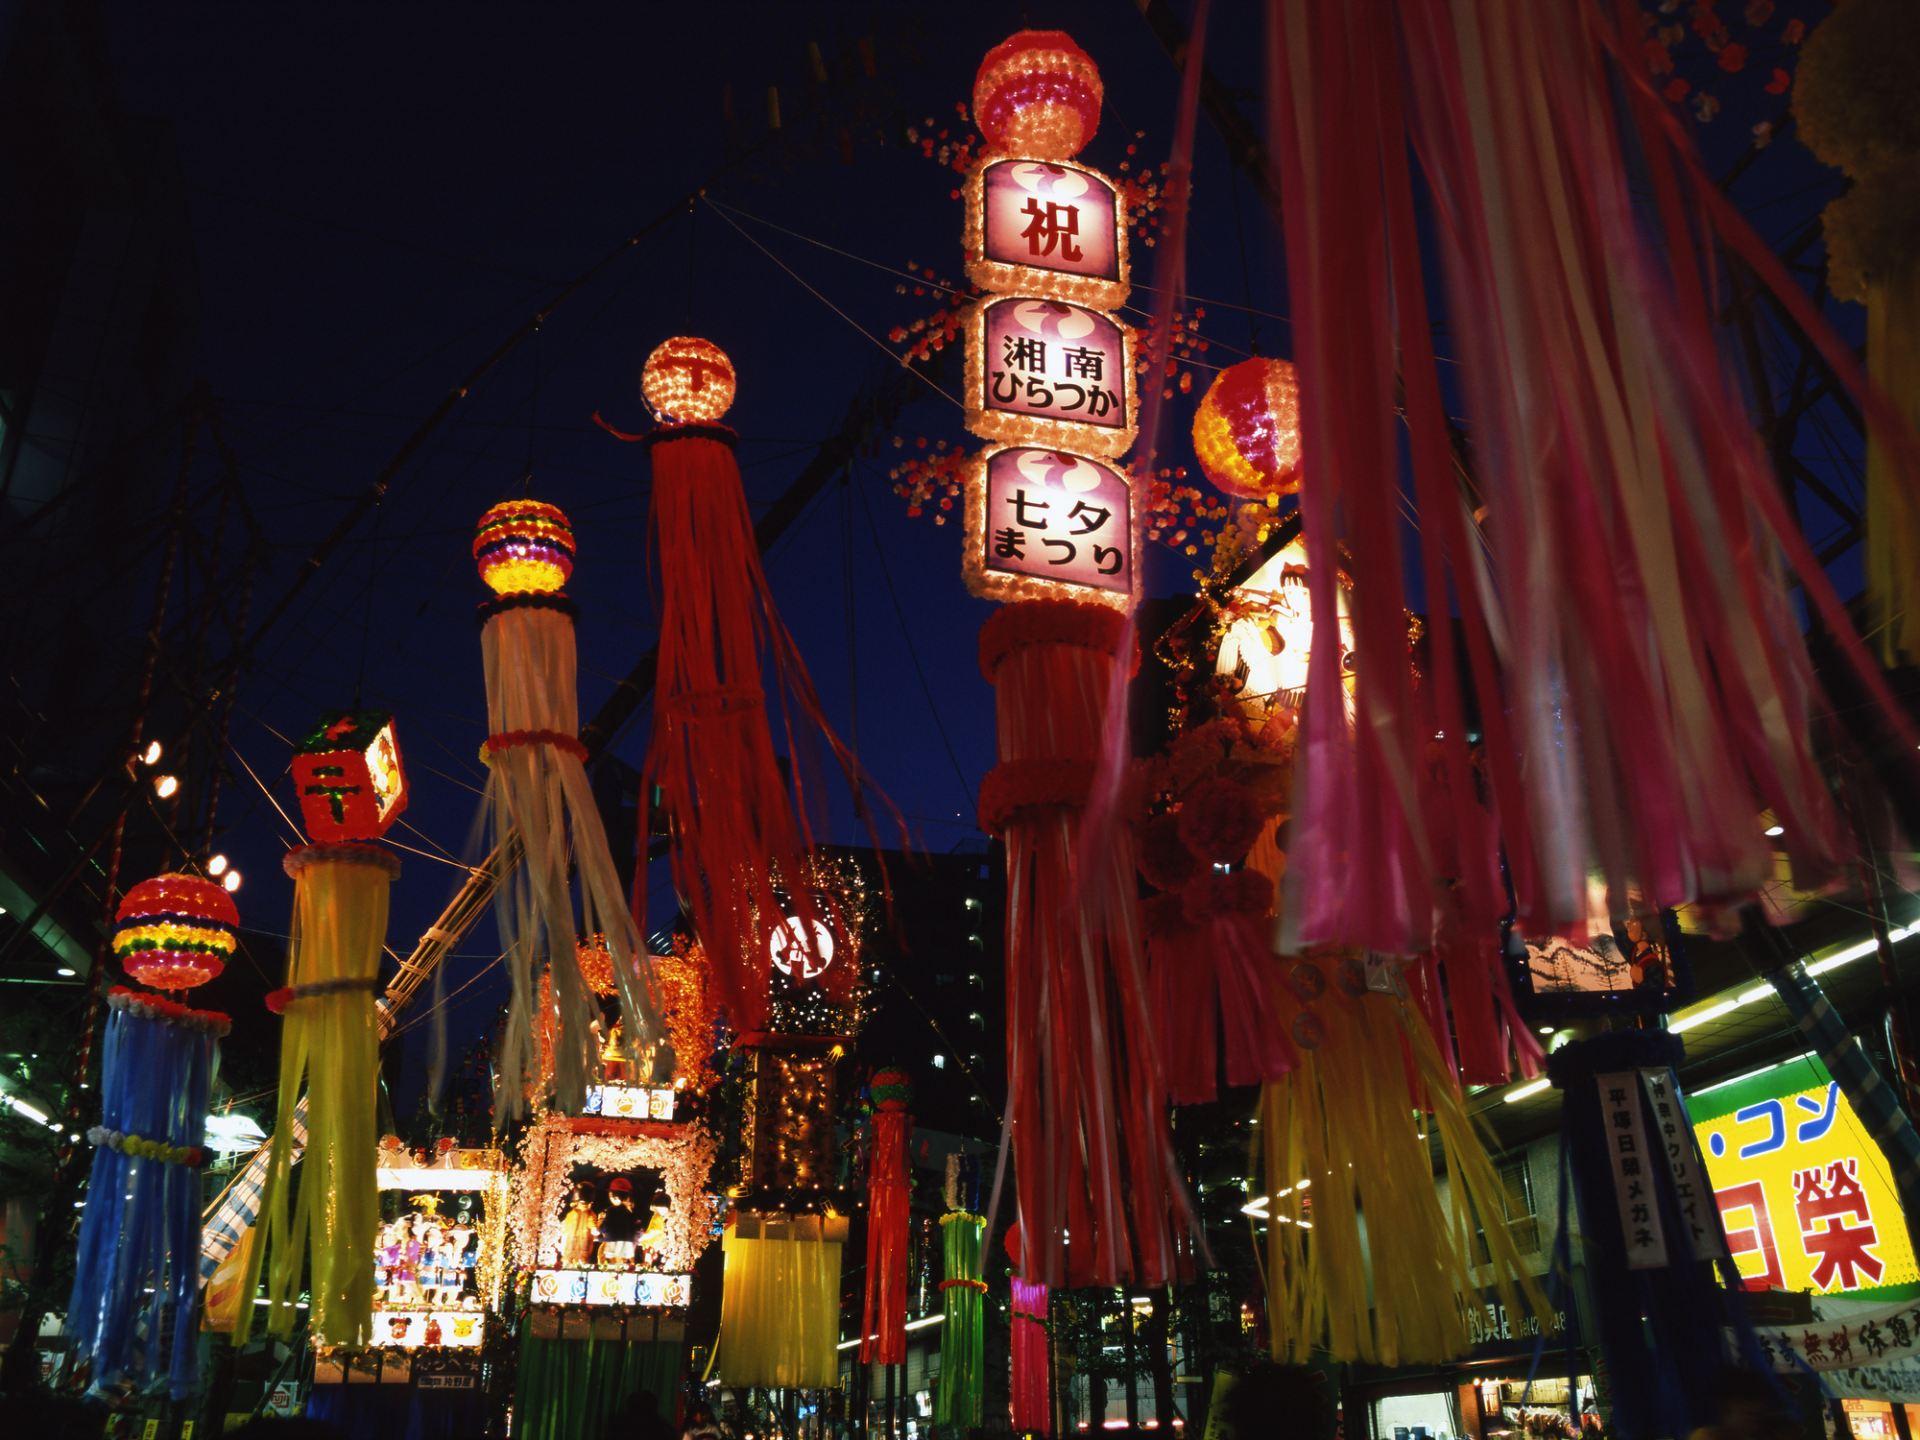 Tanabata decorations at night